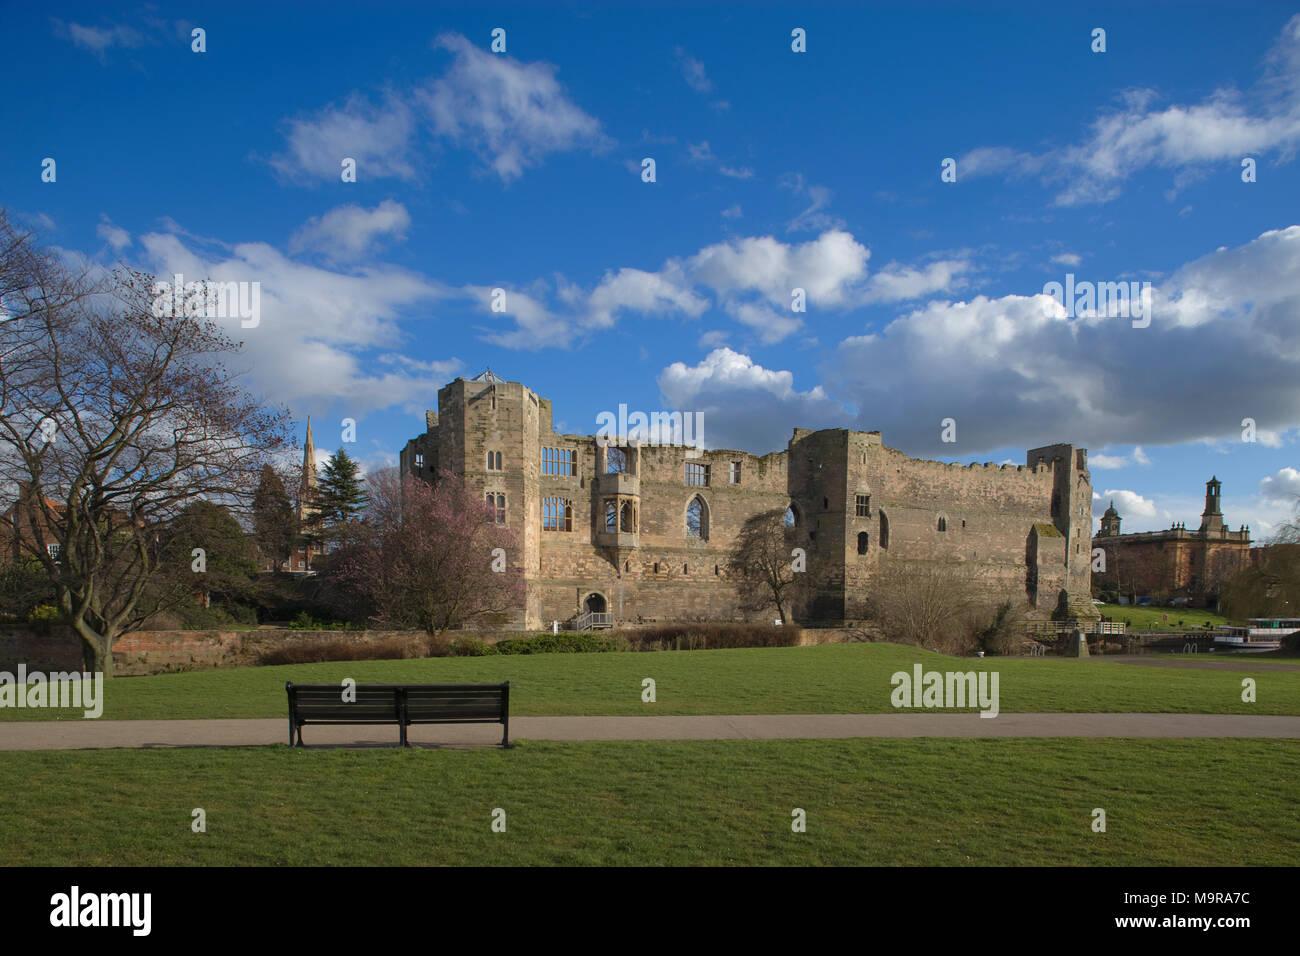 Newark Castle & River Trent Newark, Nottinghamshire, England - Stock Image